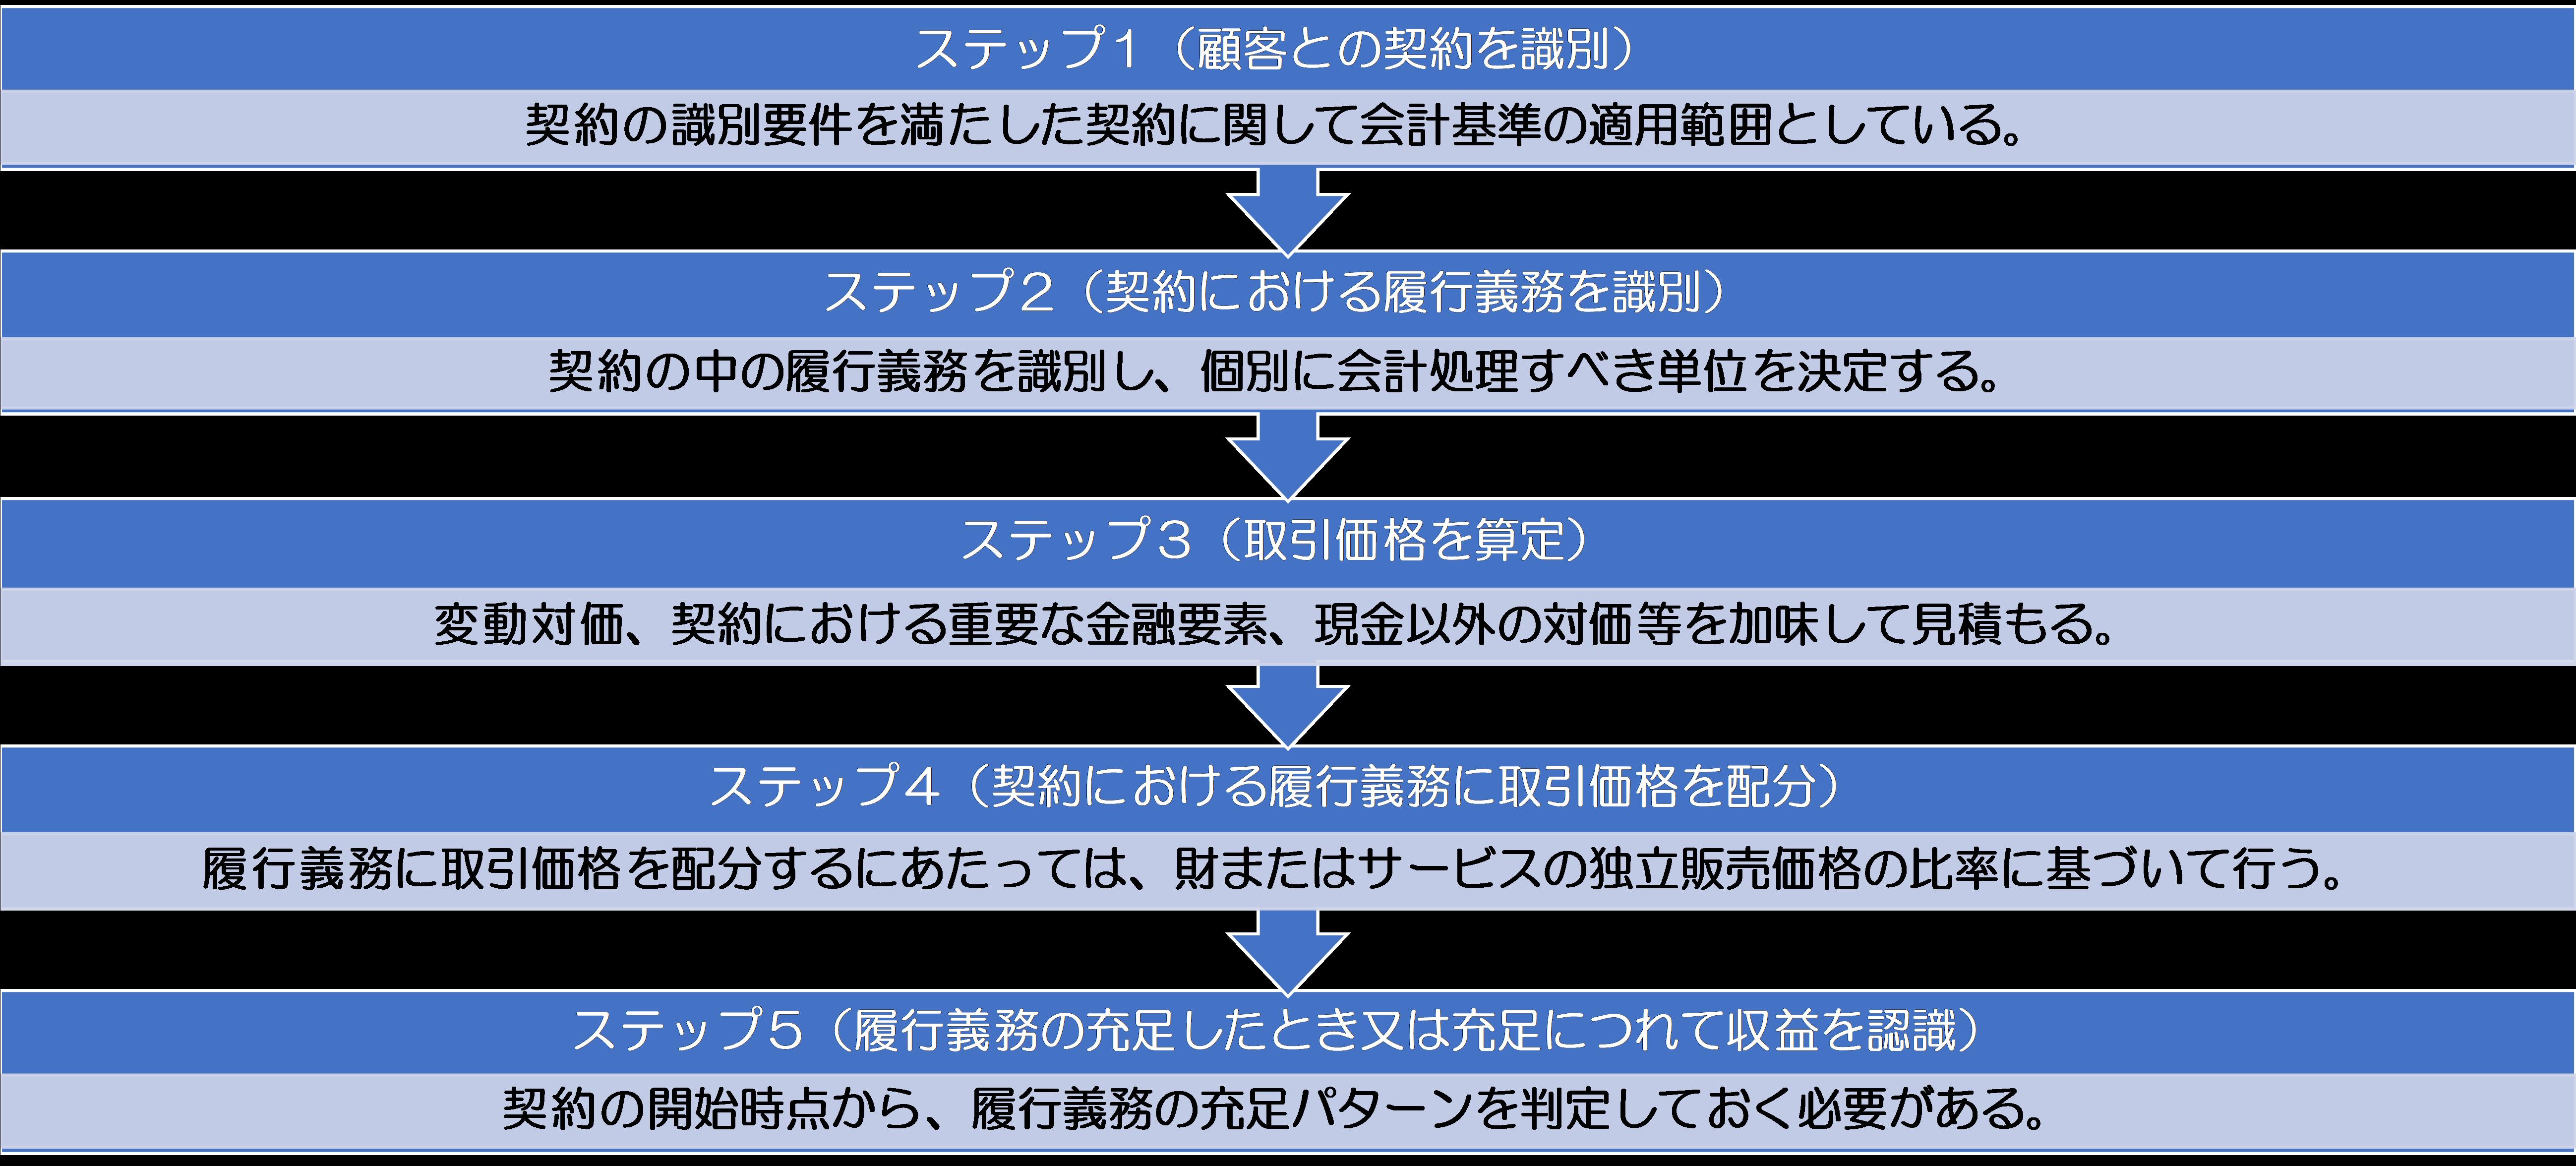 収益認識基準 5つのステップ